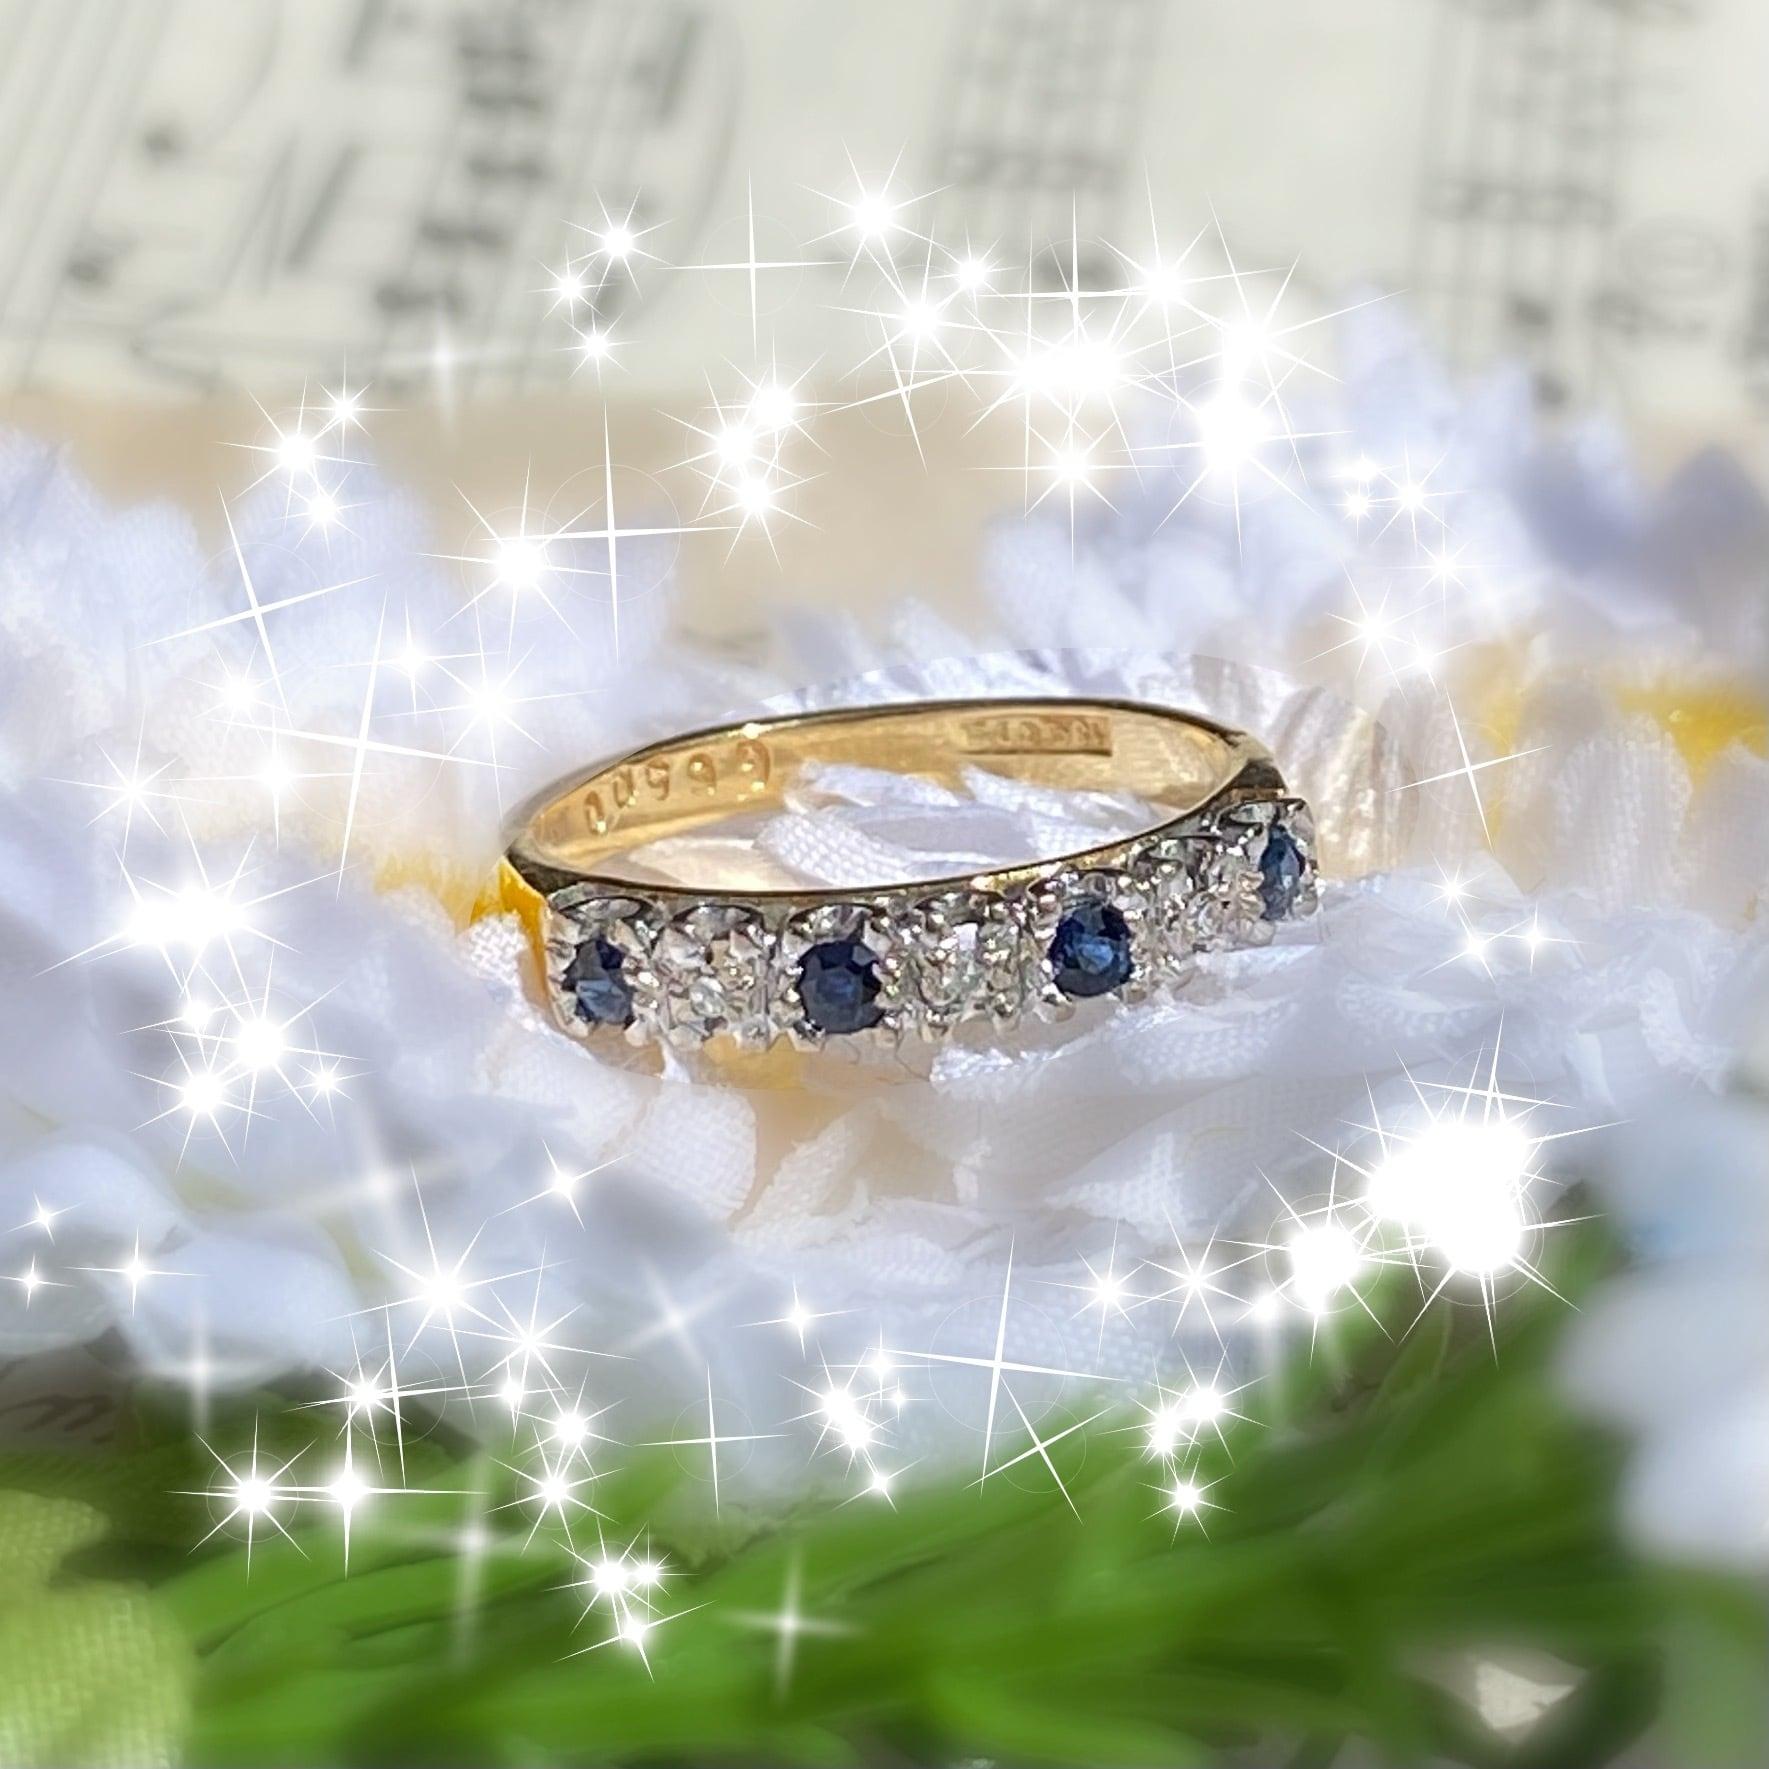 【M様ご購入画面】イギリス1930'S  ヴィンテージ 18金リング ブルーサファイア ダイヤモンド